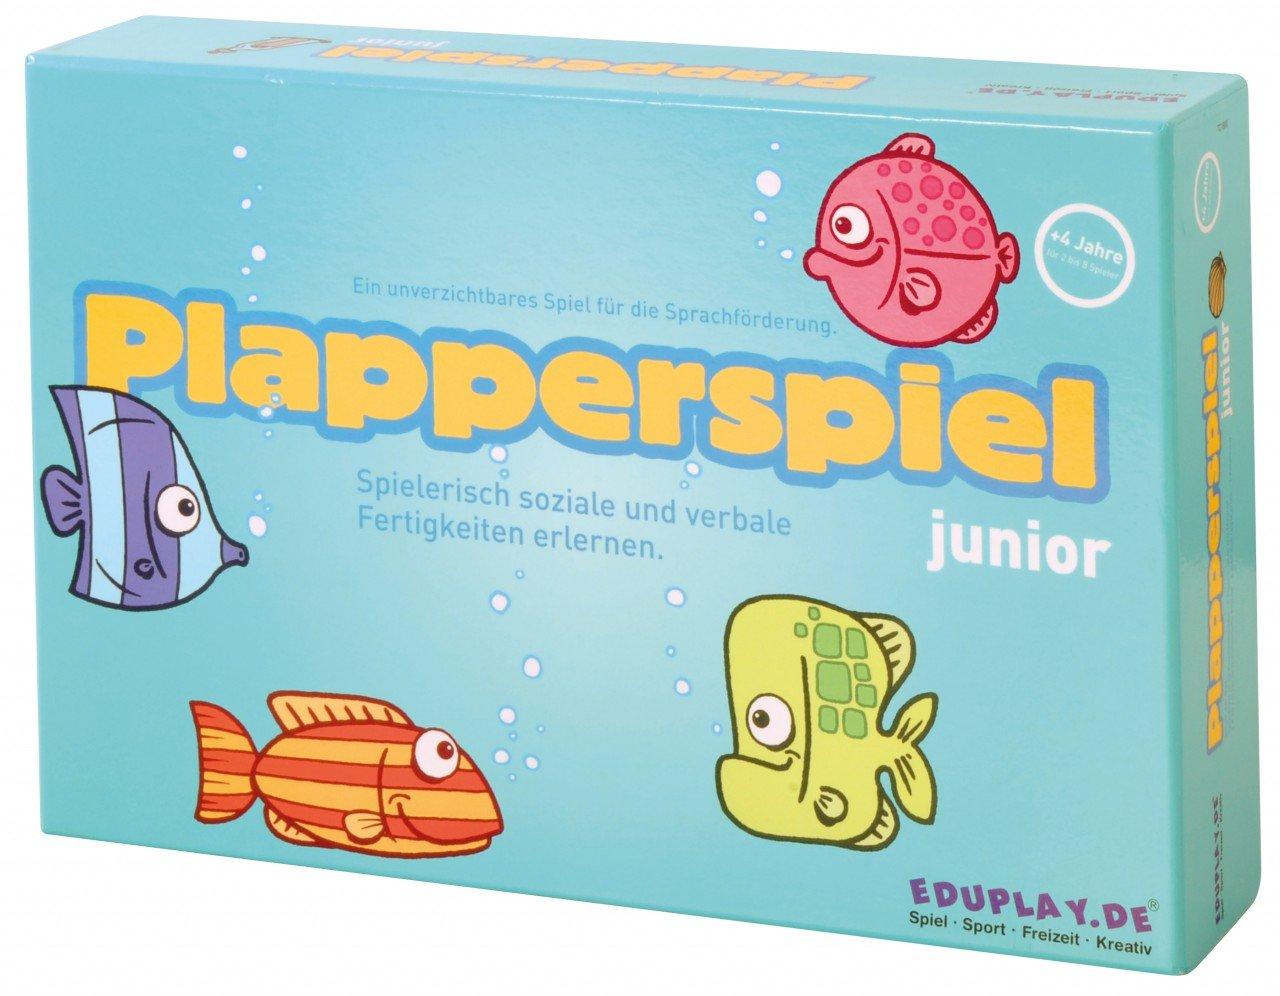 Plapperspiel / Puzzle-Spielbrett mit vielen bunten Fischen / Spiel zur Sprachförderung / für 2 - 8 Spieler von 4 bis 6 Jahren